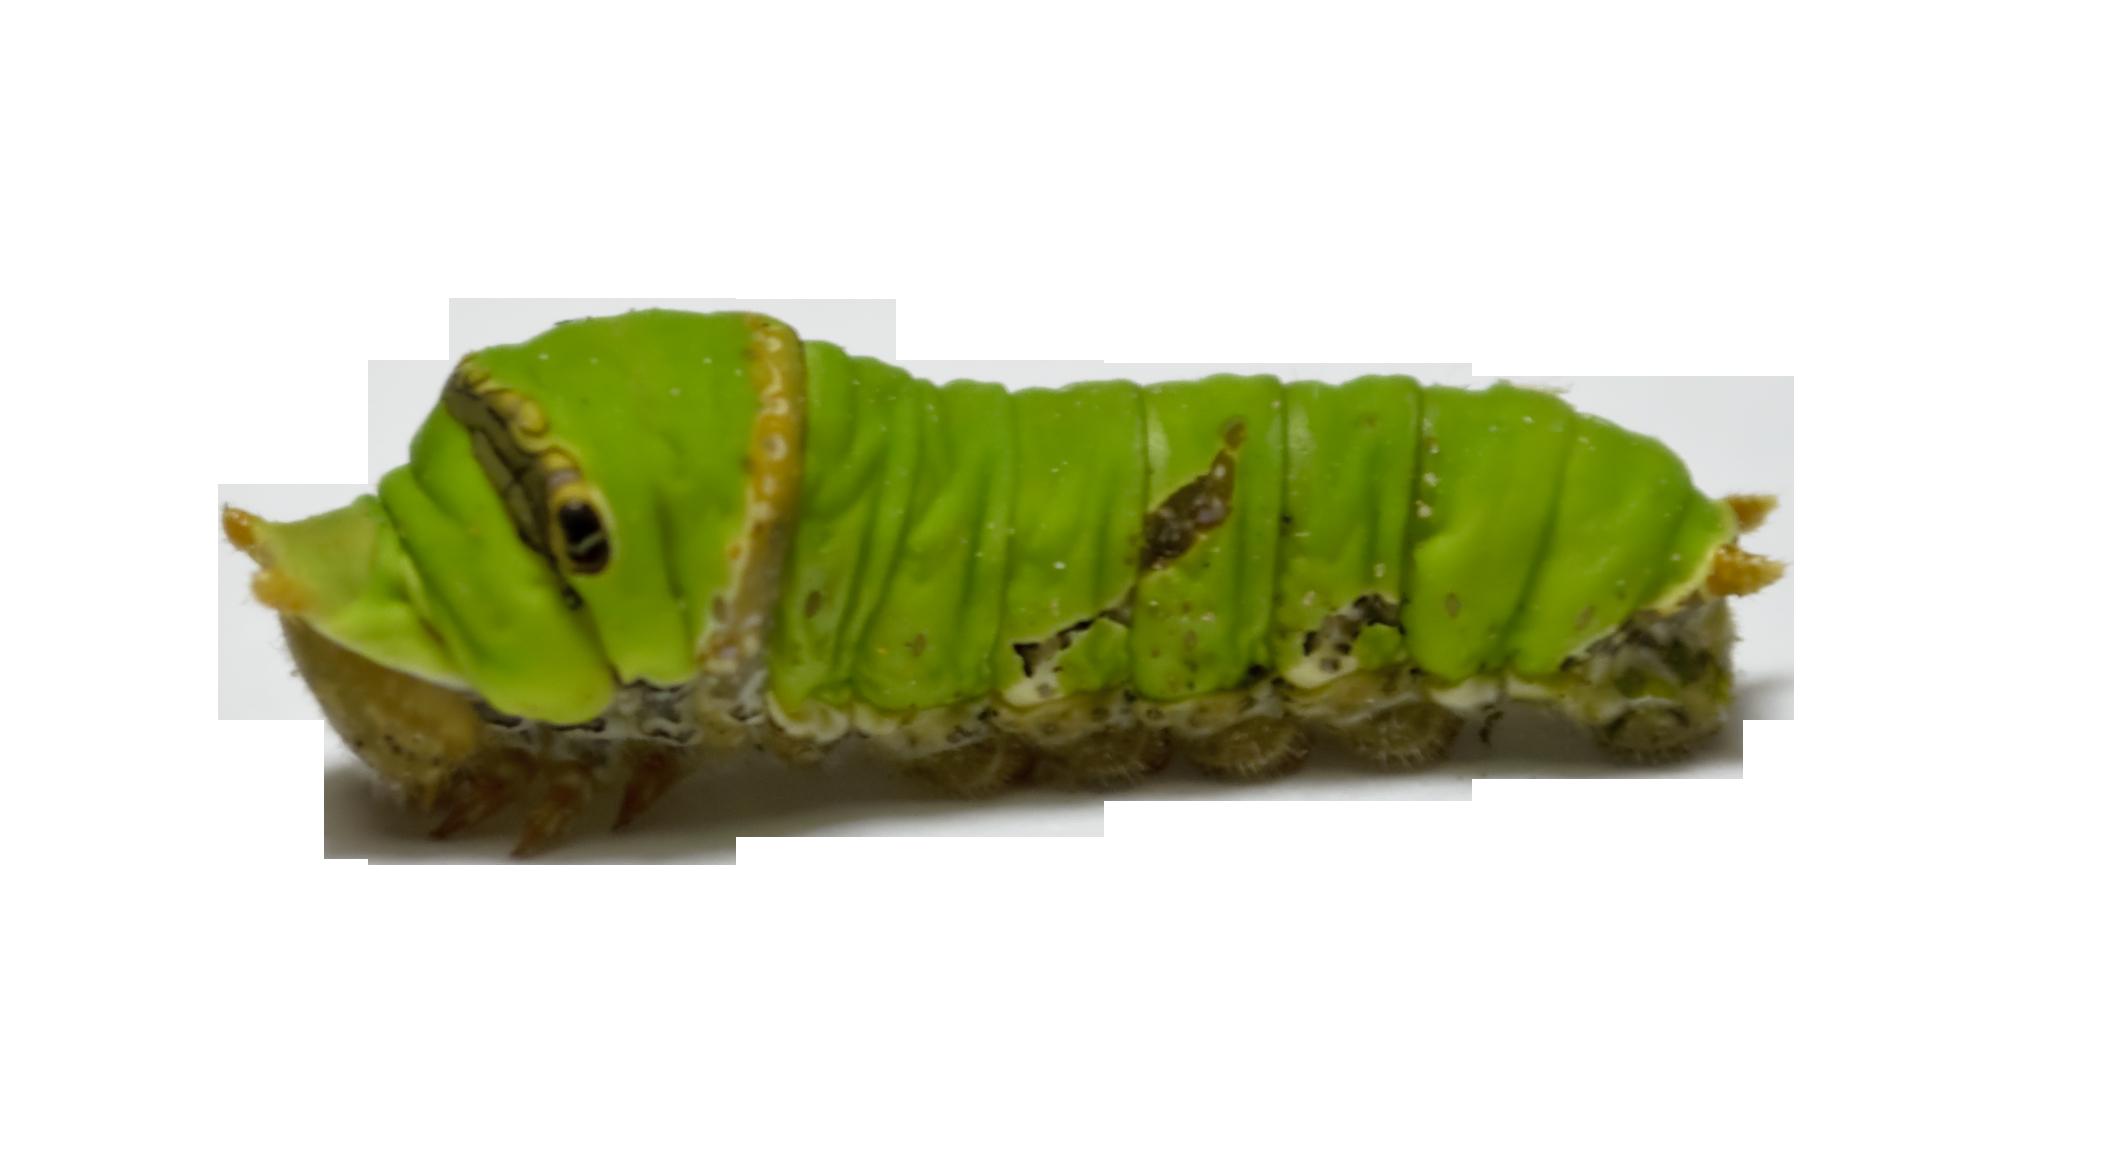 Caterpillar PNG - 1787